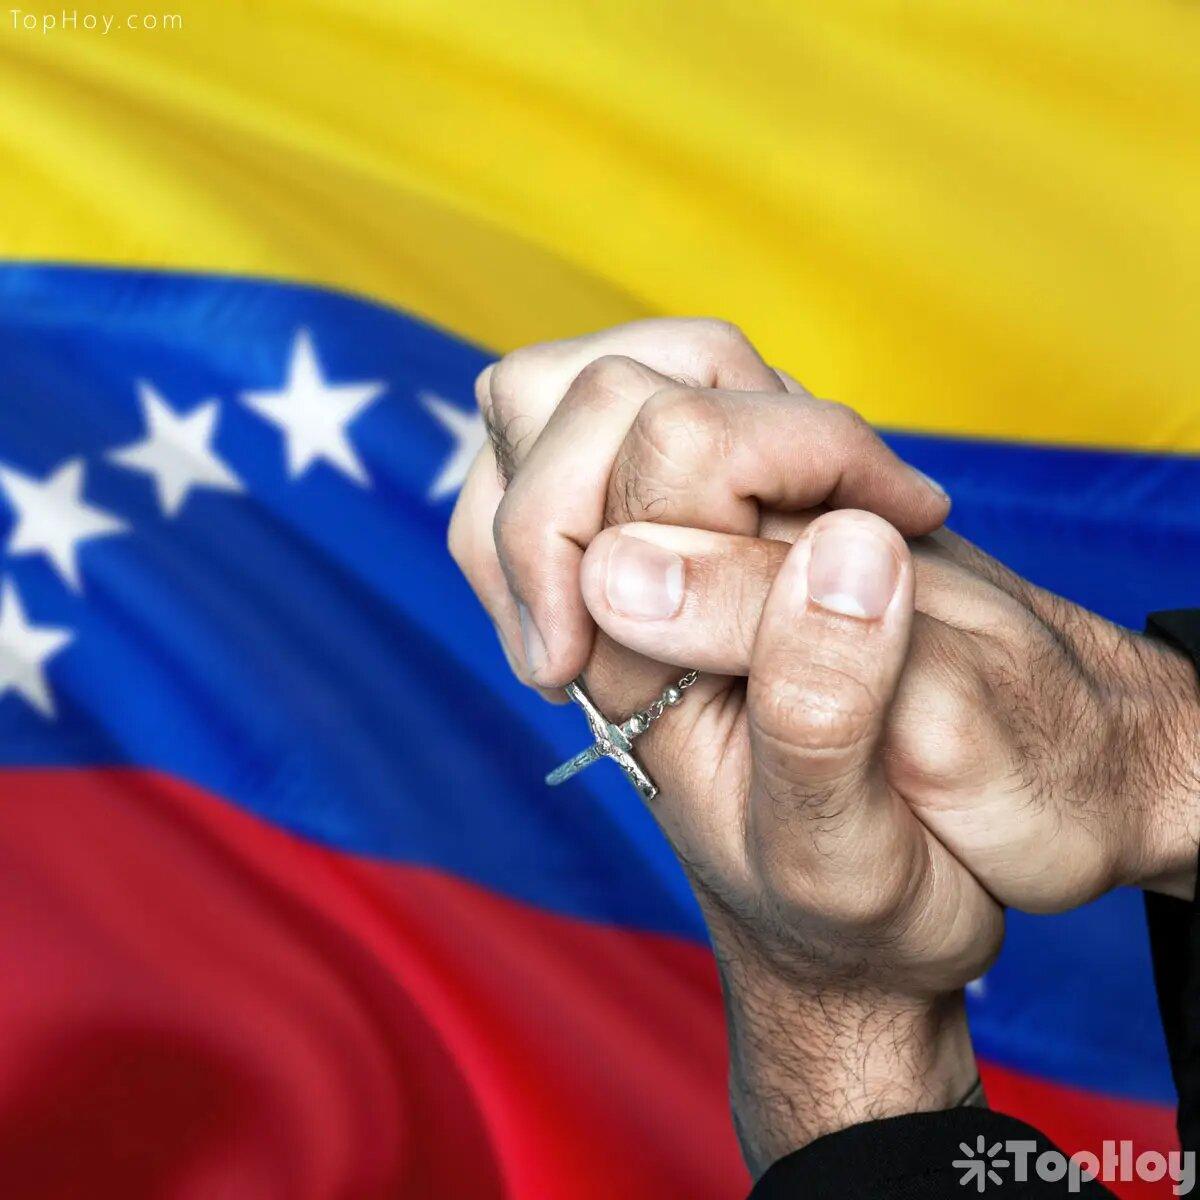 El catolicismo es la religión predominante en el país suramericano.